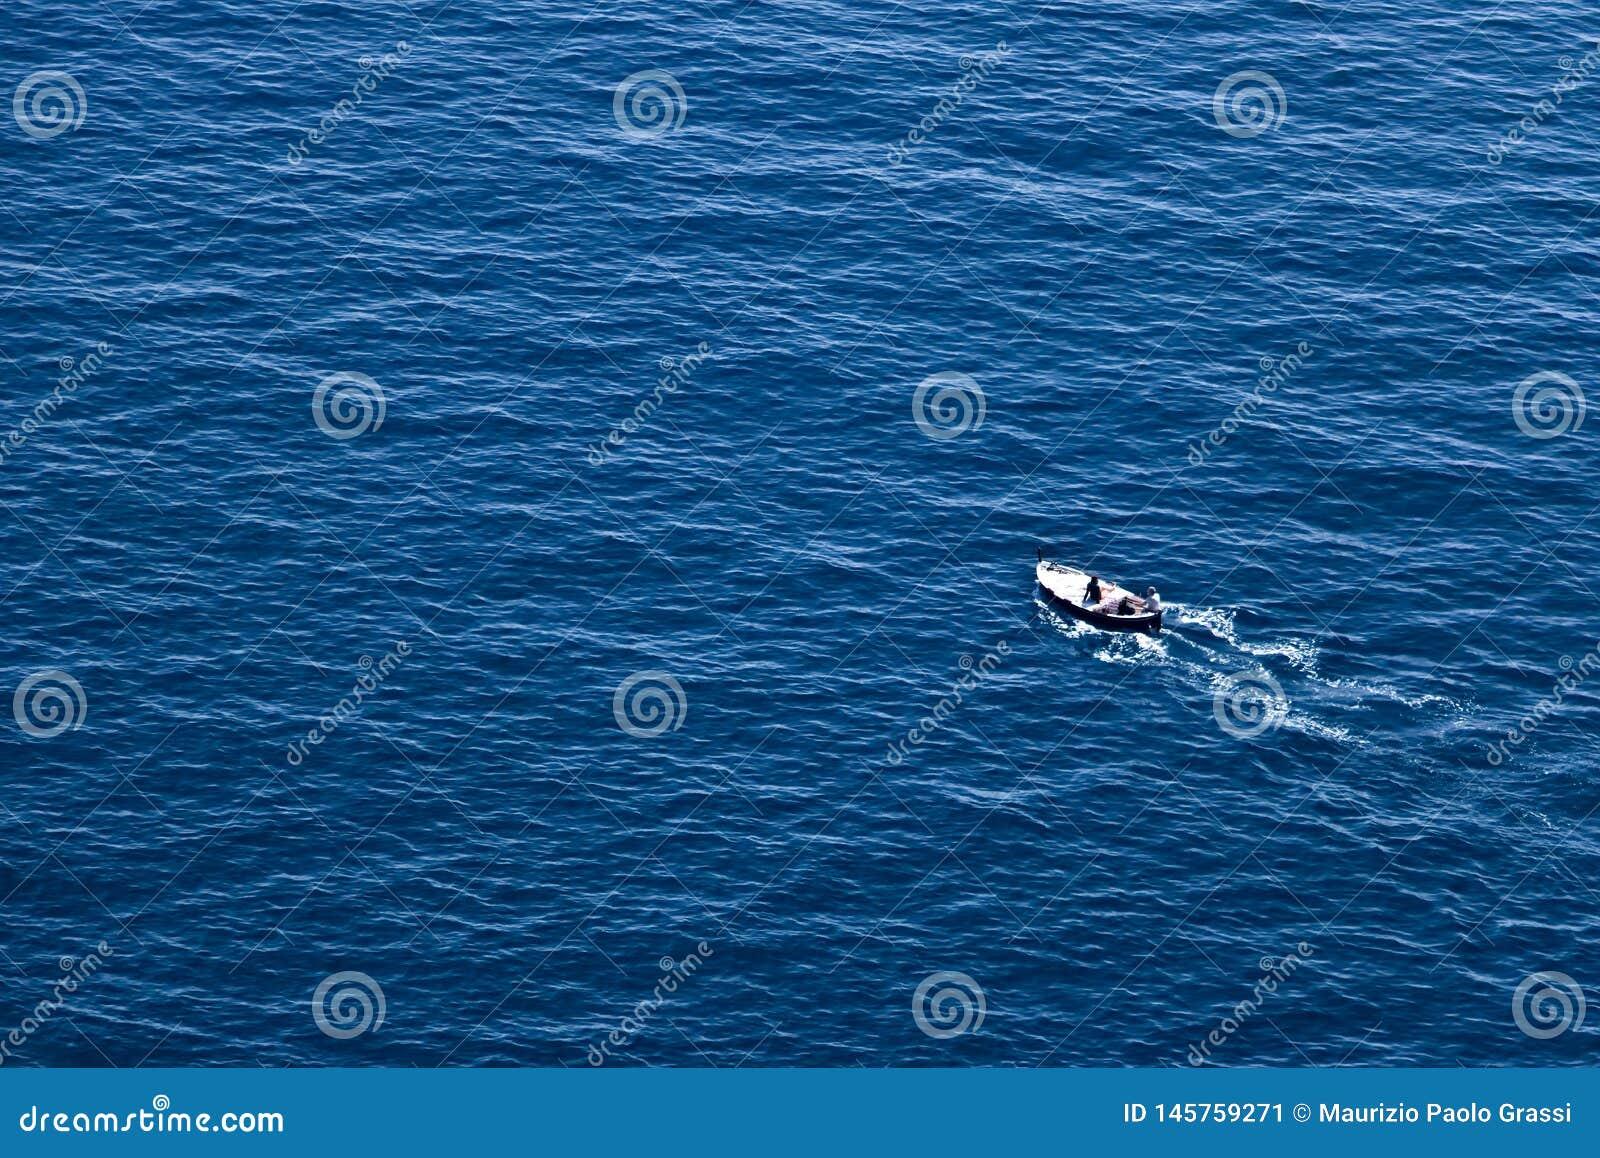 Bonassola, perto de Cinque Terre, Liguria 03/31/2019 Um barco de pesca no mar azul perto das cinco terras